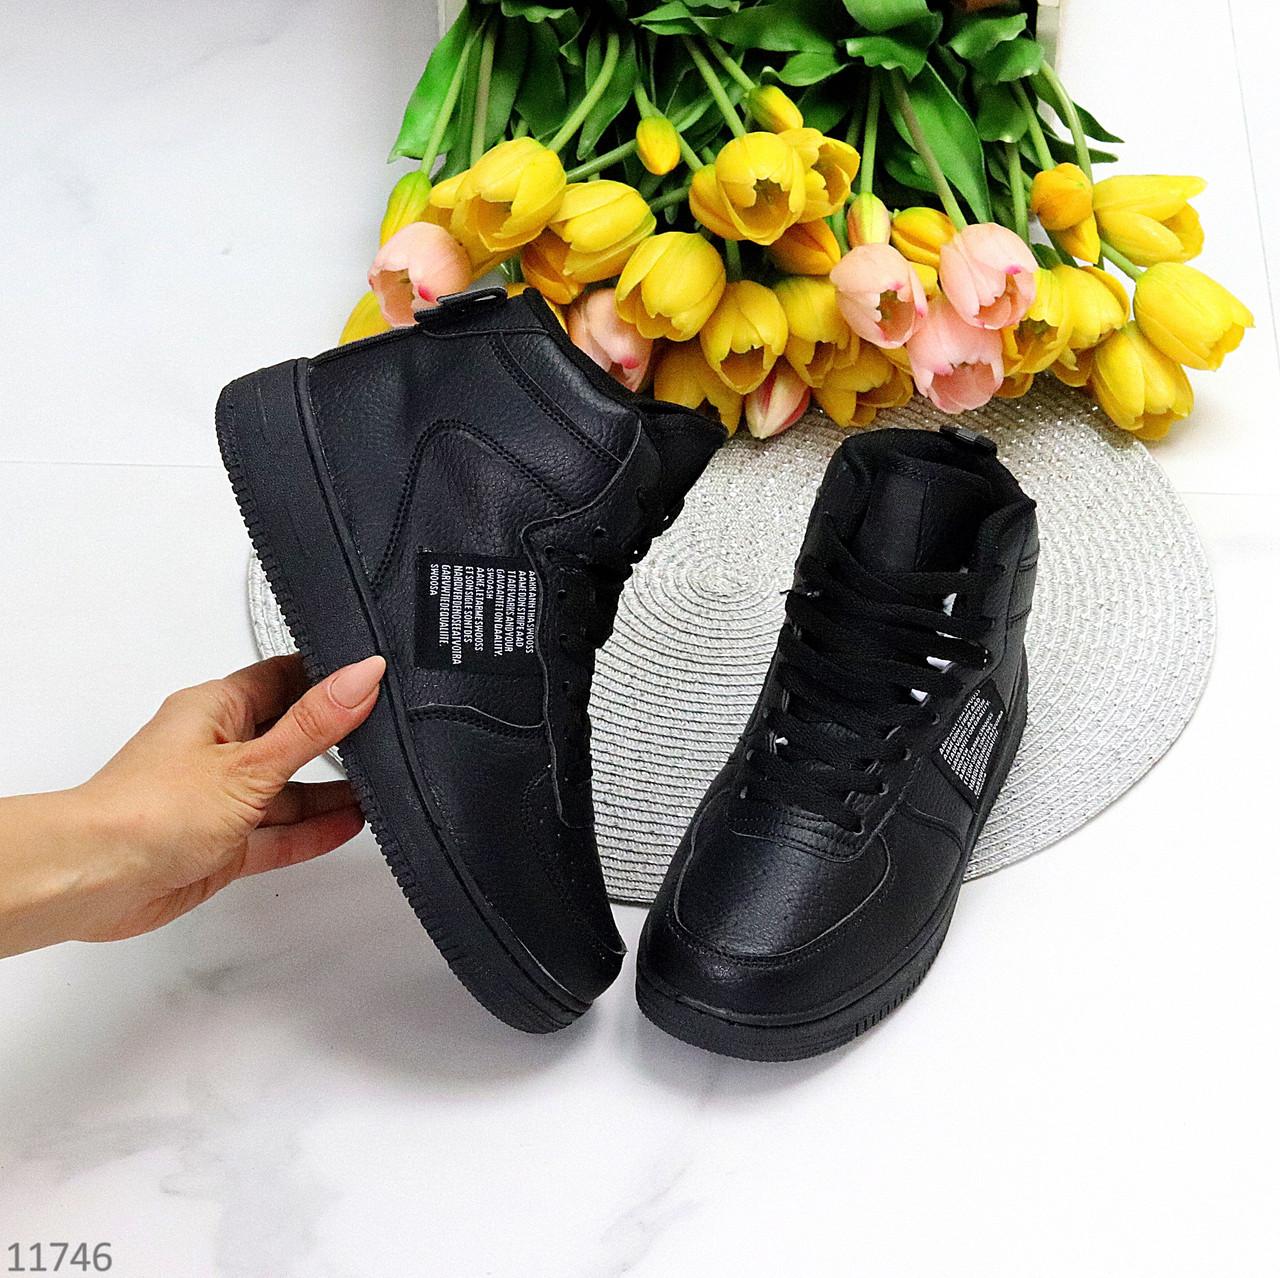 Зимние черные женские спортивные ботинки кеды на шнуровке в ассортименте